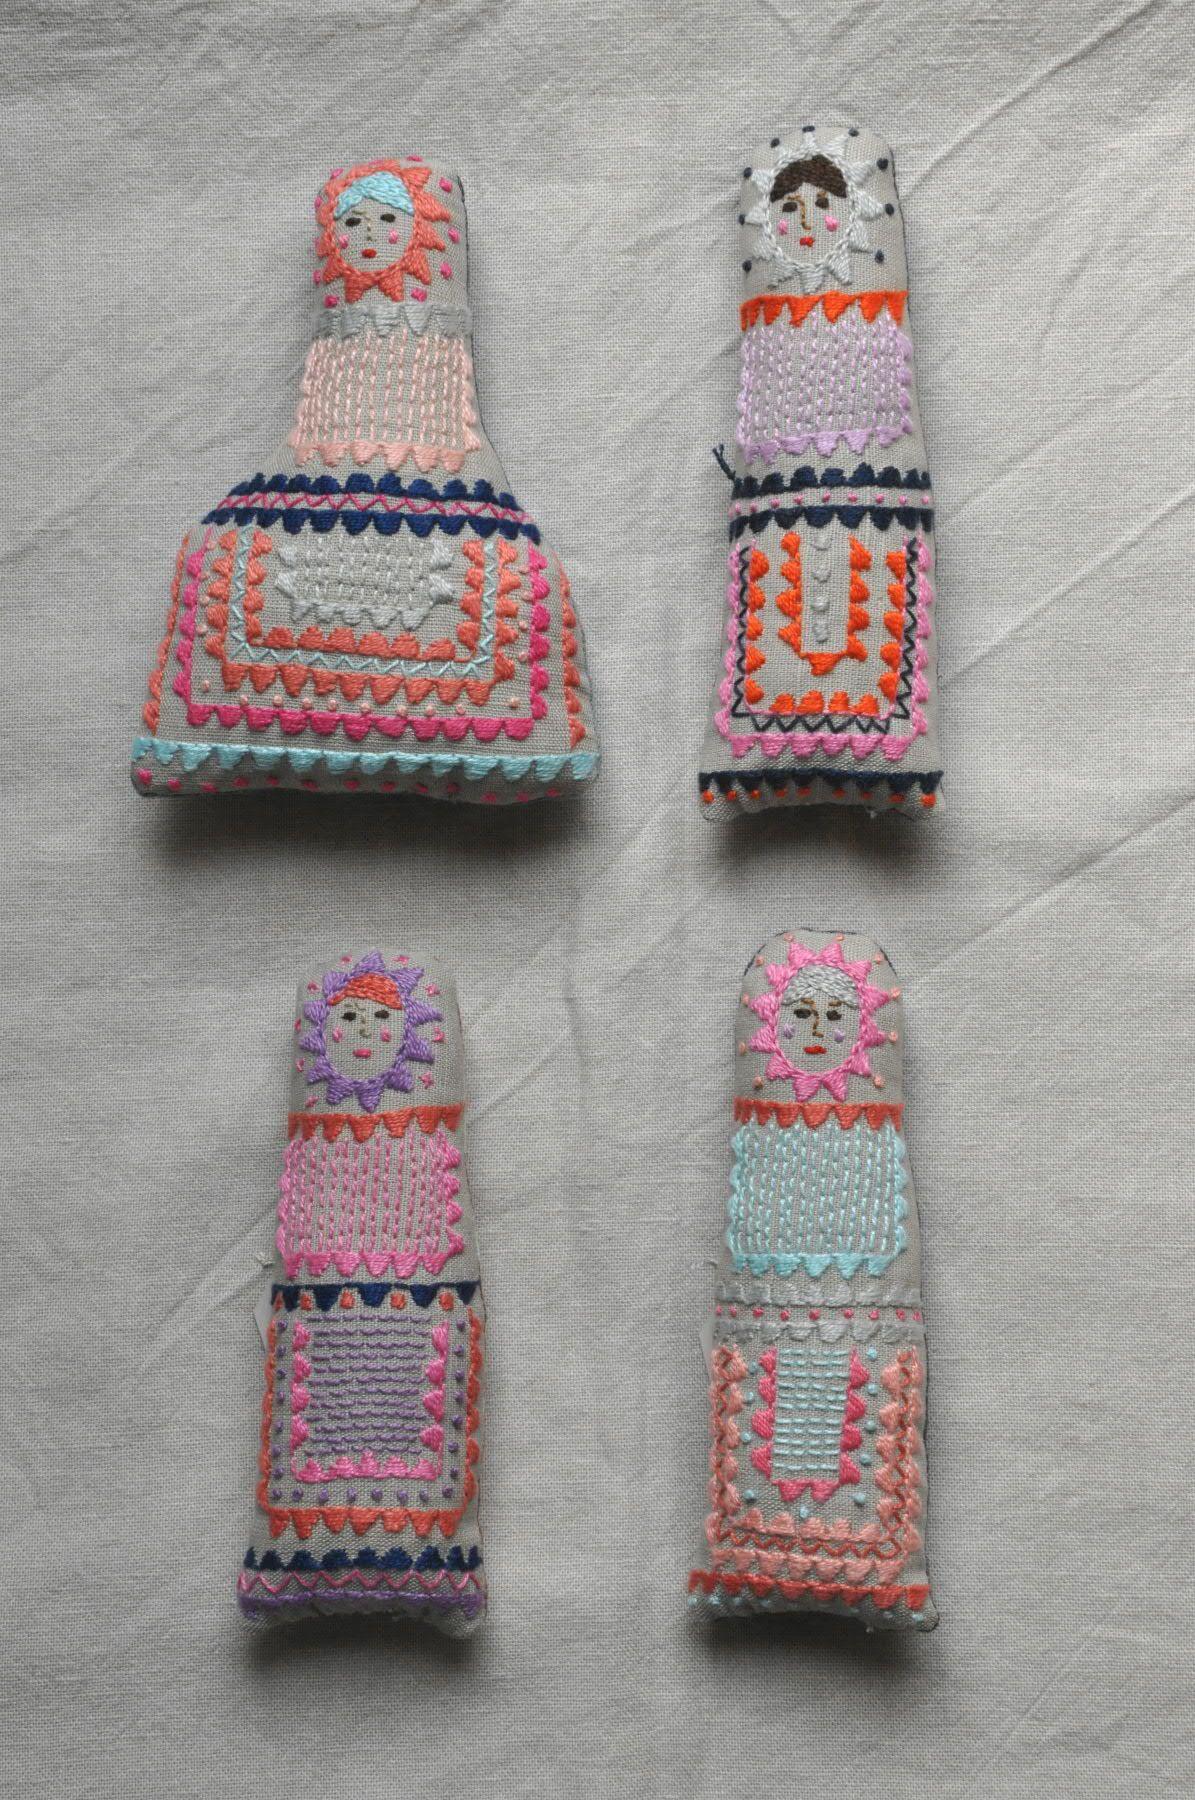 dolls by ESZTERDA